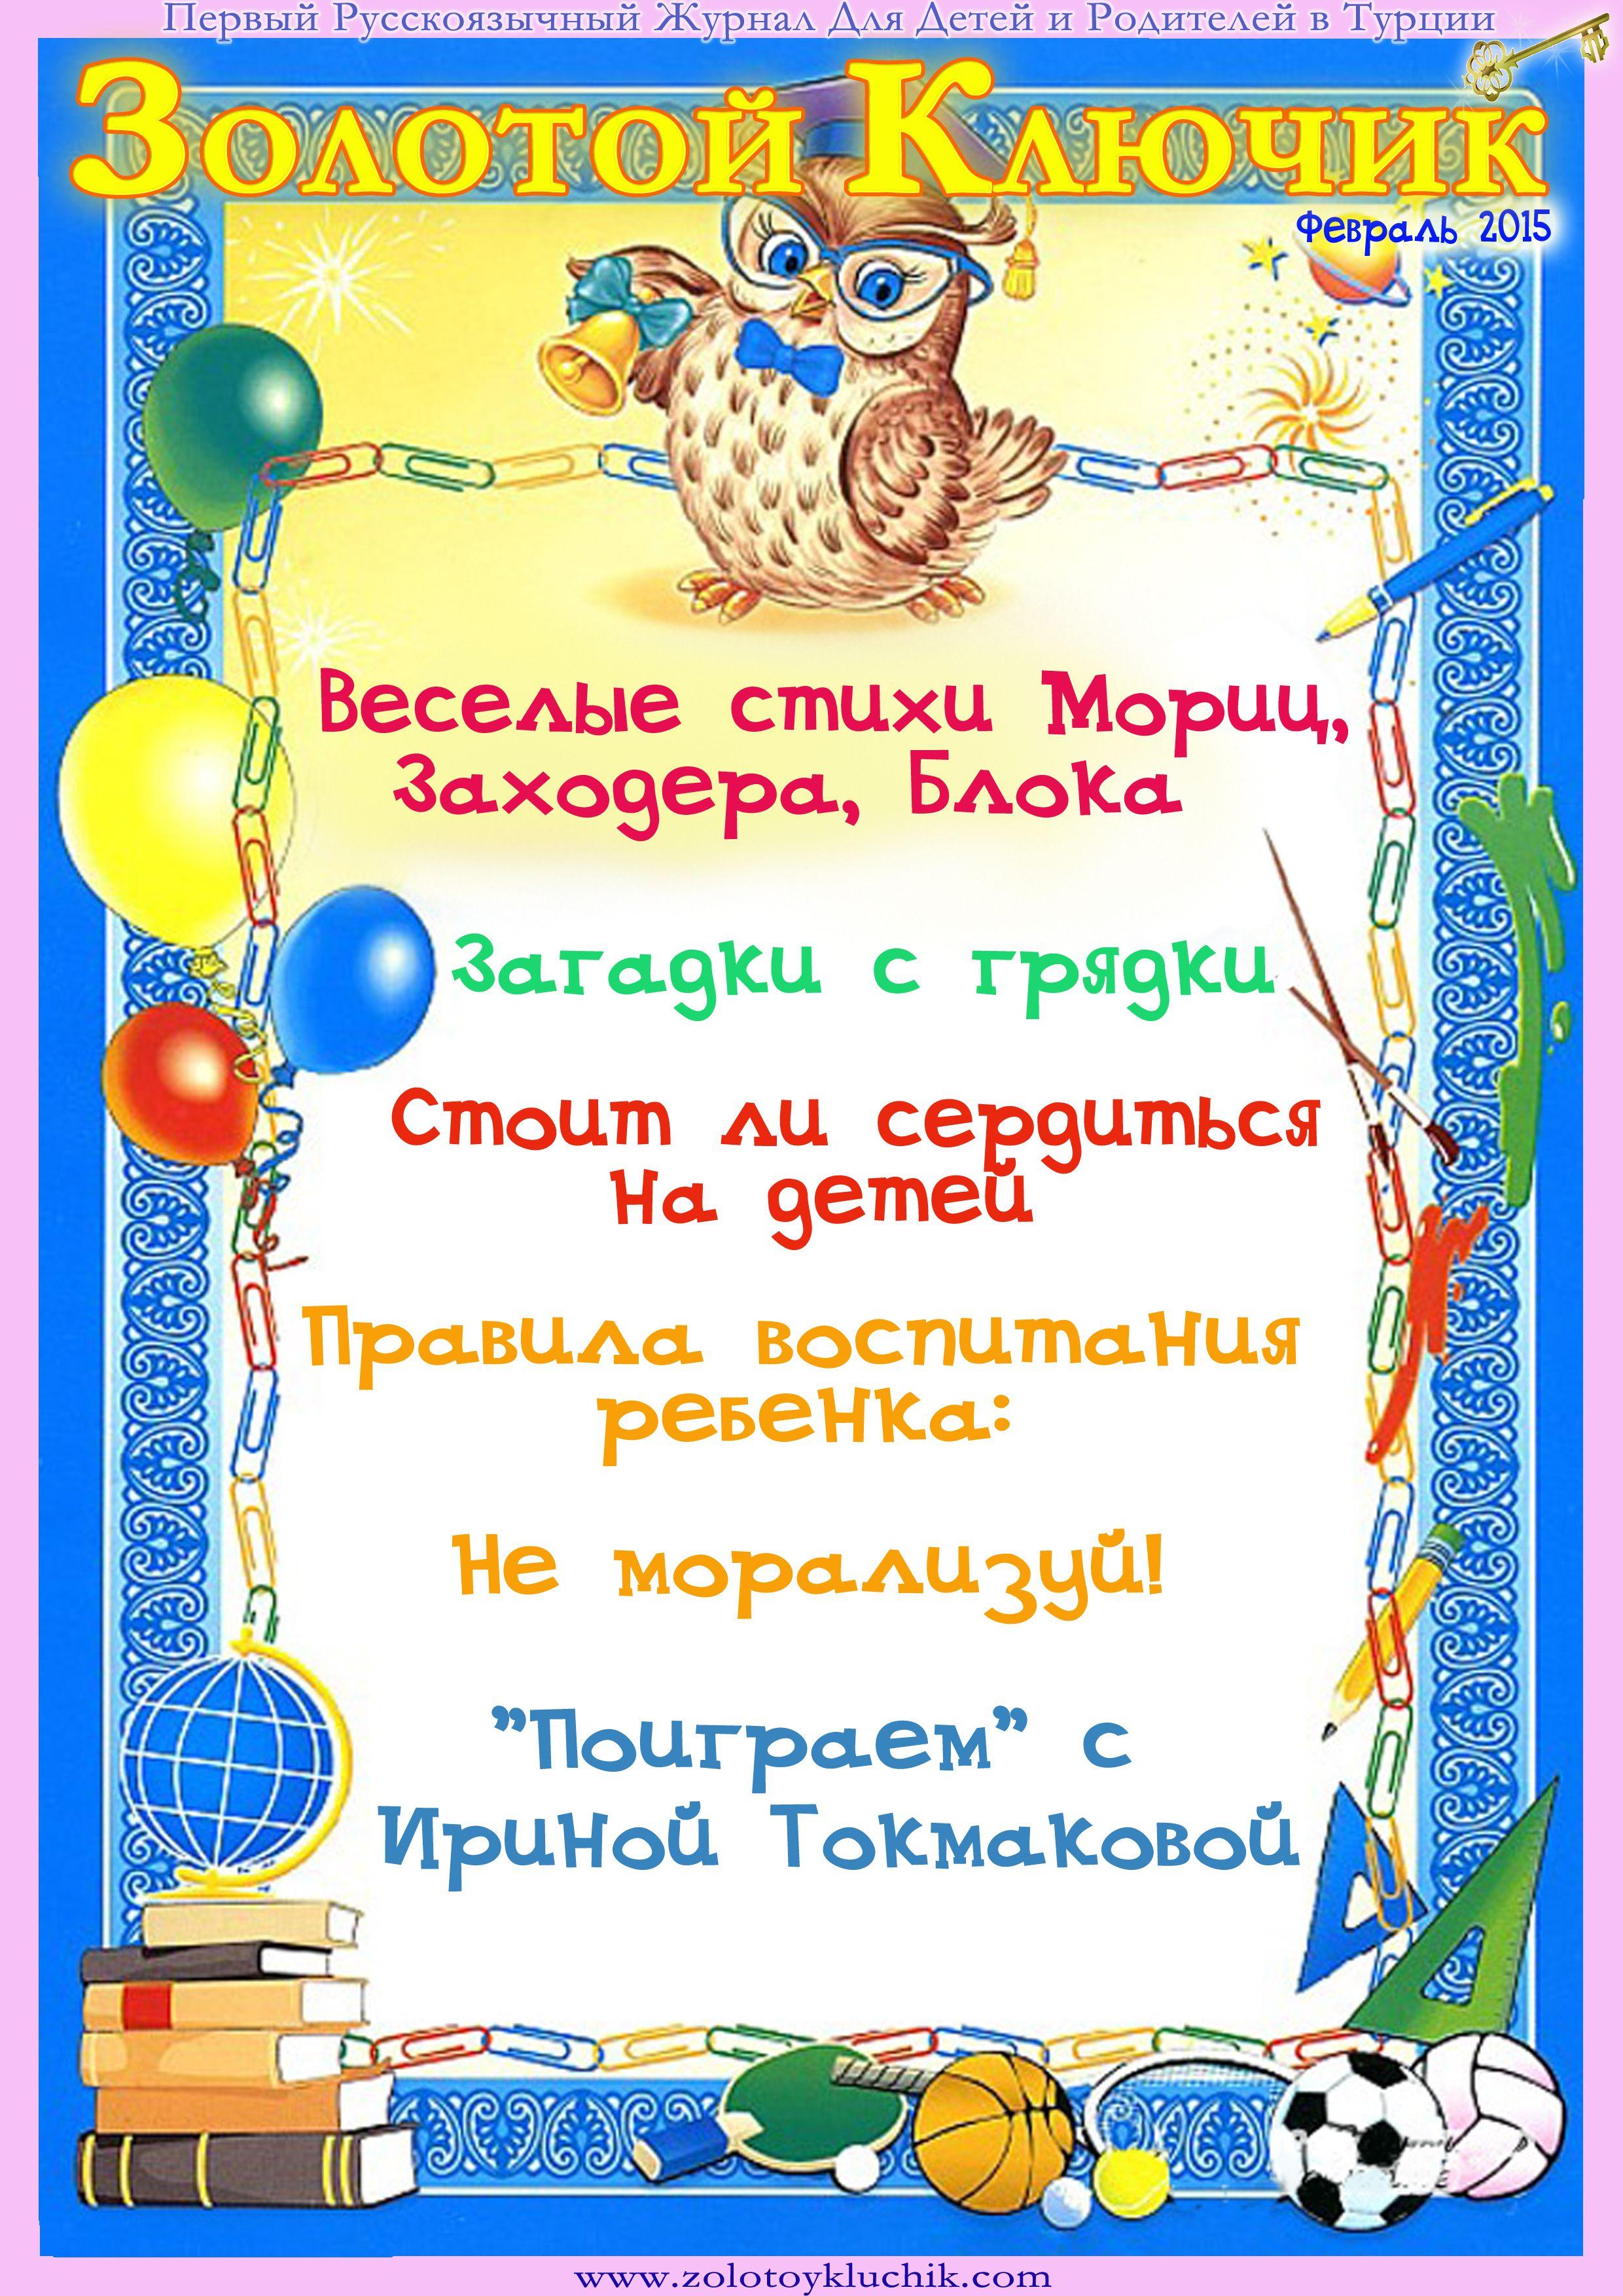 Первый Русскоязычный Бесплатный Электронный Журнал Для Детей и Родителей в Турции. www.zolotoykluchik.com